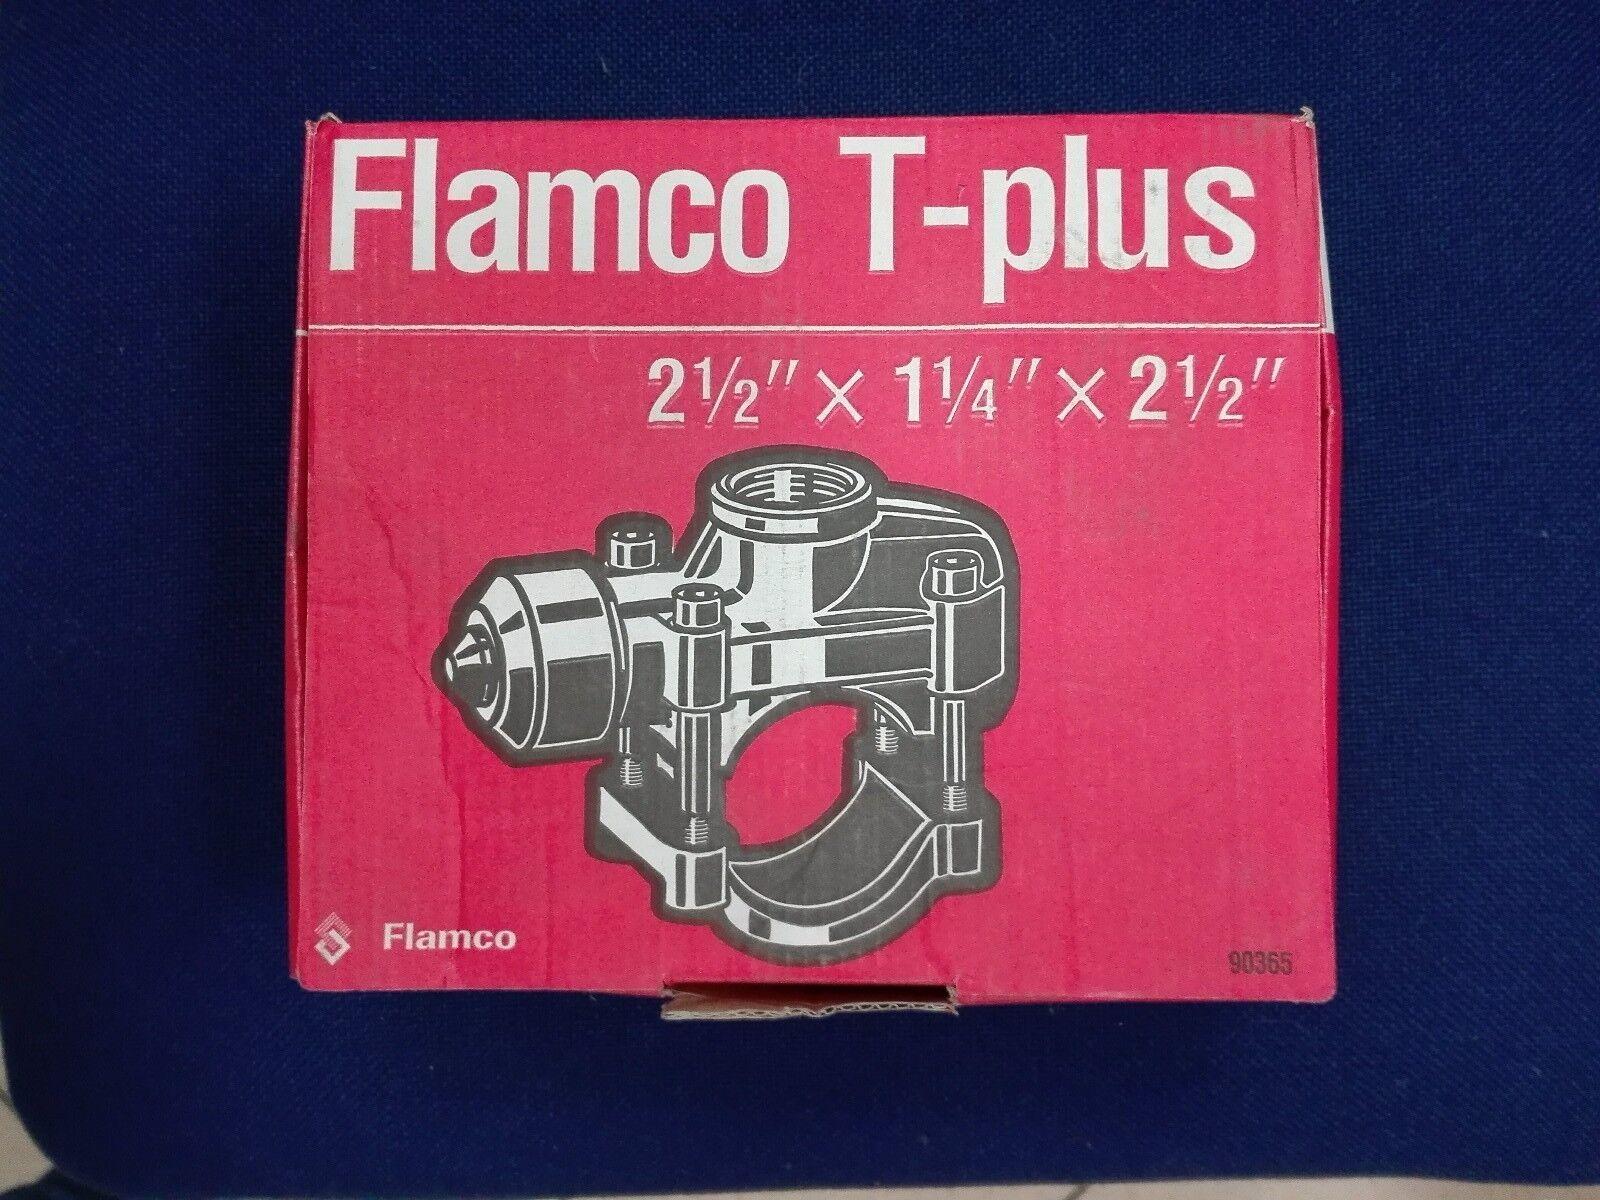 Flamco T-plus DN 65 Rohrverbindung für Stahlrohre 2 1 2  x 1 1 4  x 2 1 2